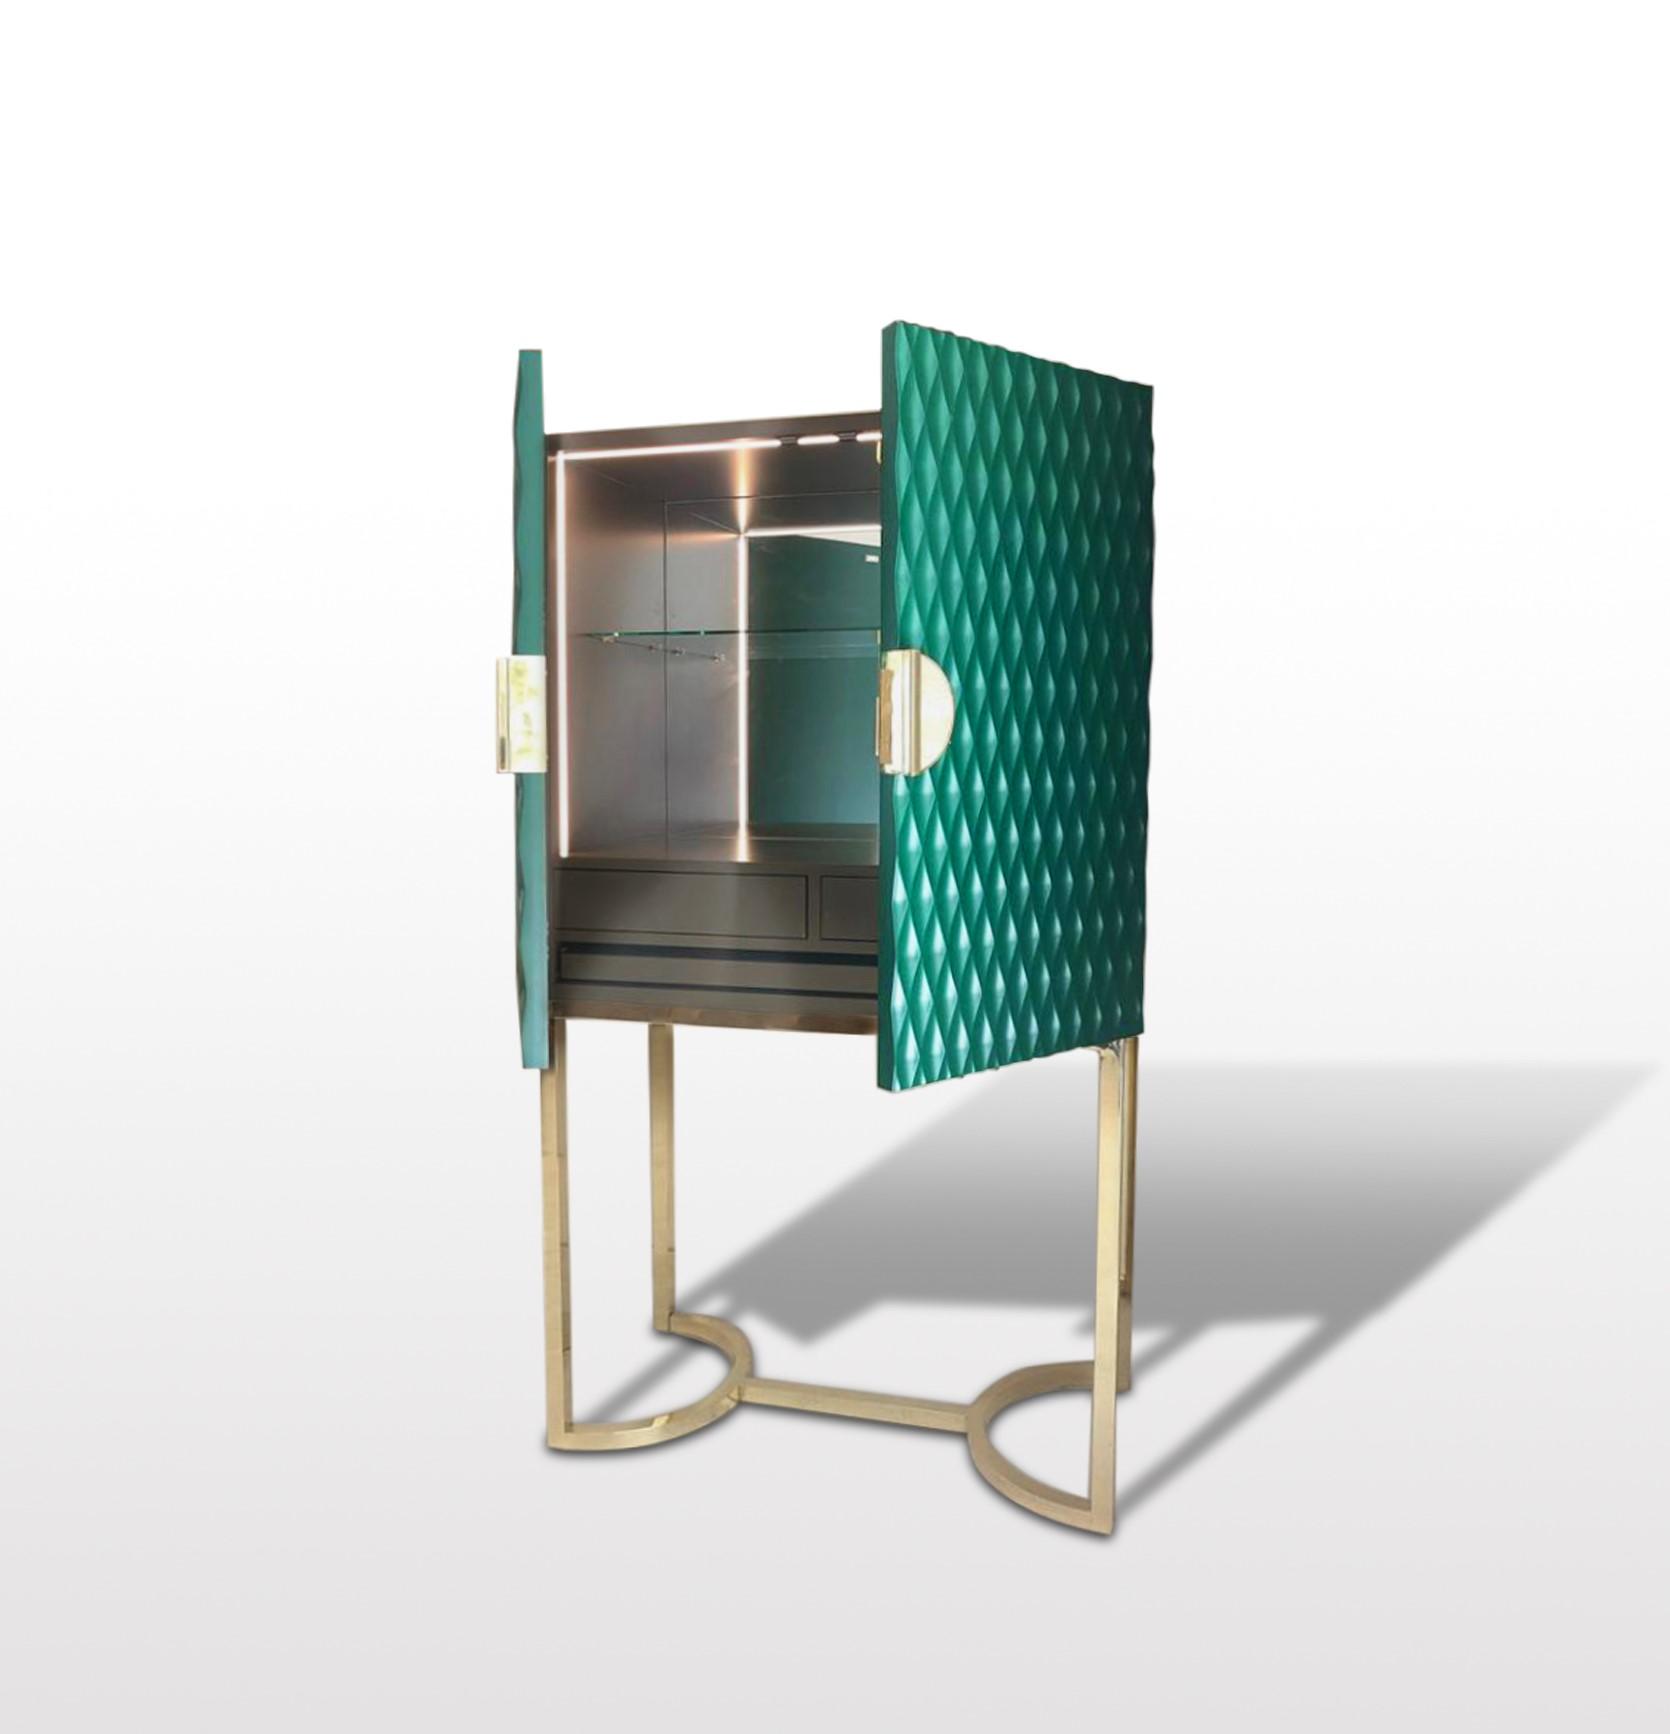 Muebles de diseño salon. Tiendas de muebles de diseño en Madrid. Muebles de diseño en Madrid. Decoracion de un hogar.Decoration Home.Decoracion hogar Online